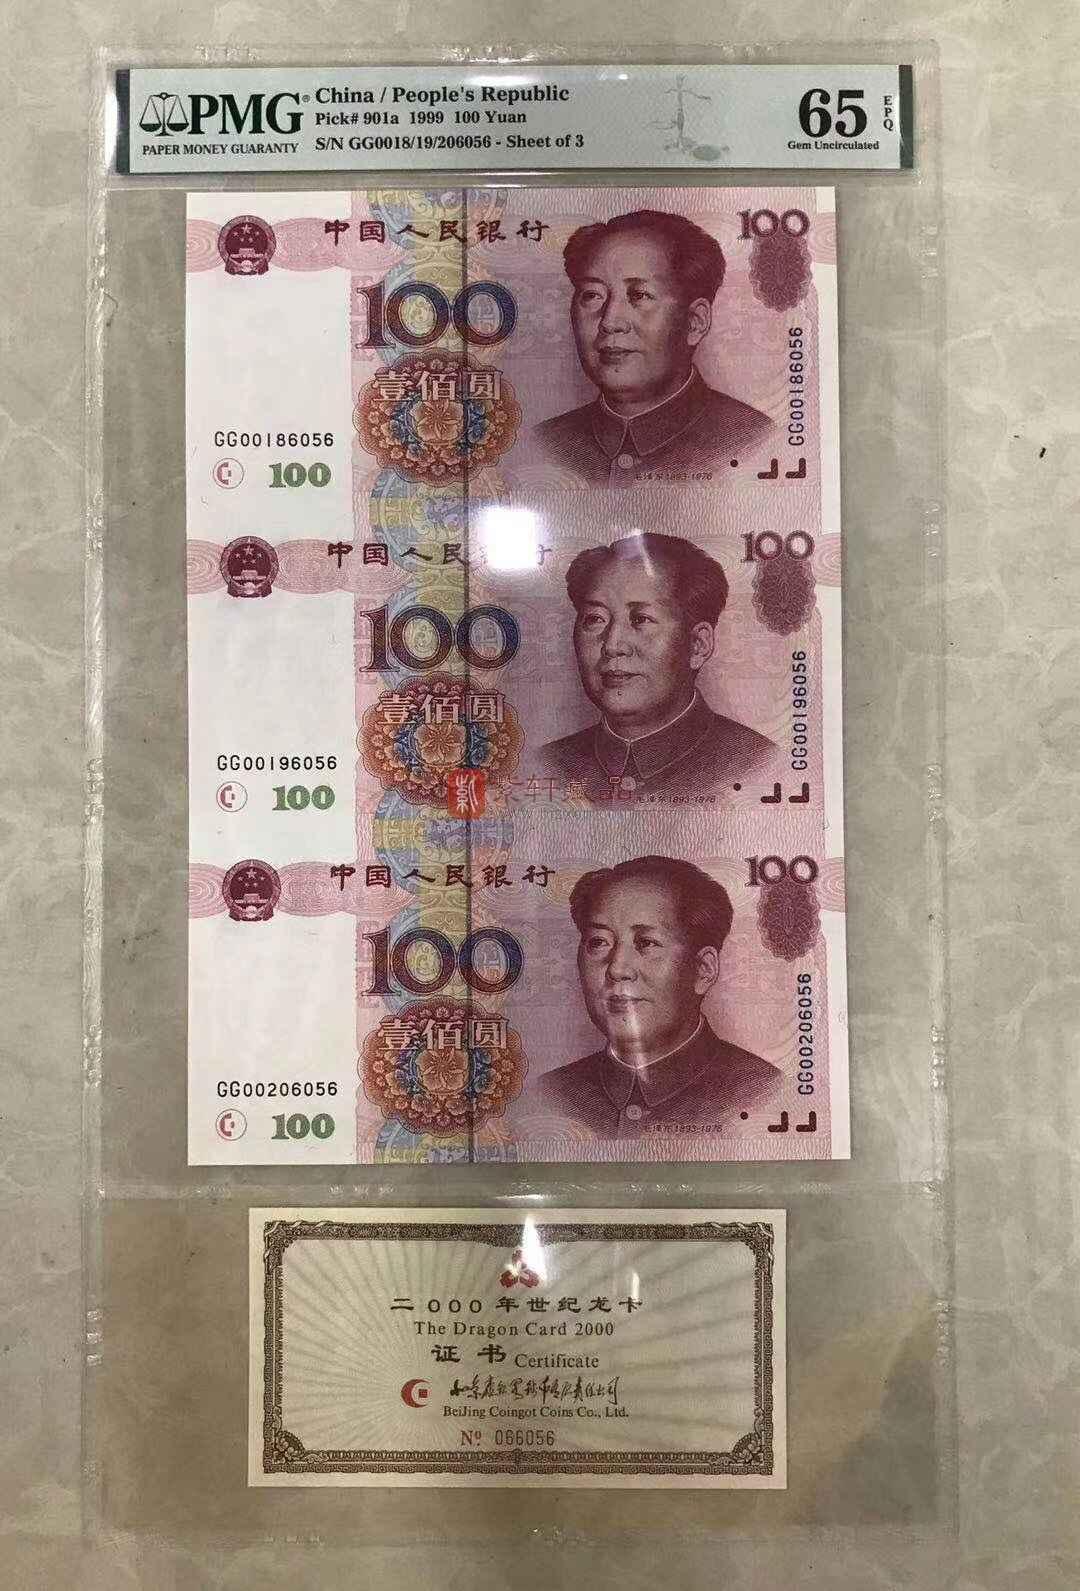 【实拍】99100世纪龙卡pmg评级币一张 全程无47。证书连币一套入壳 非常漂亮。